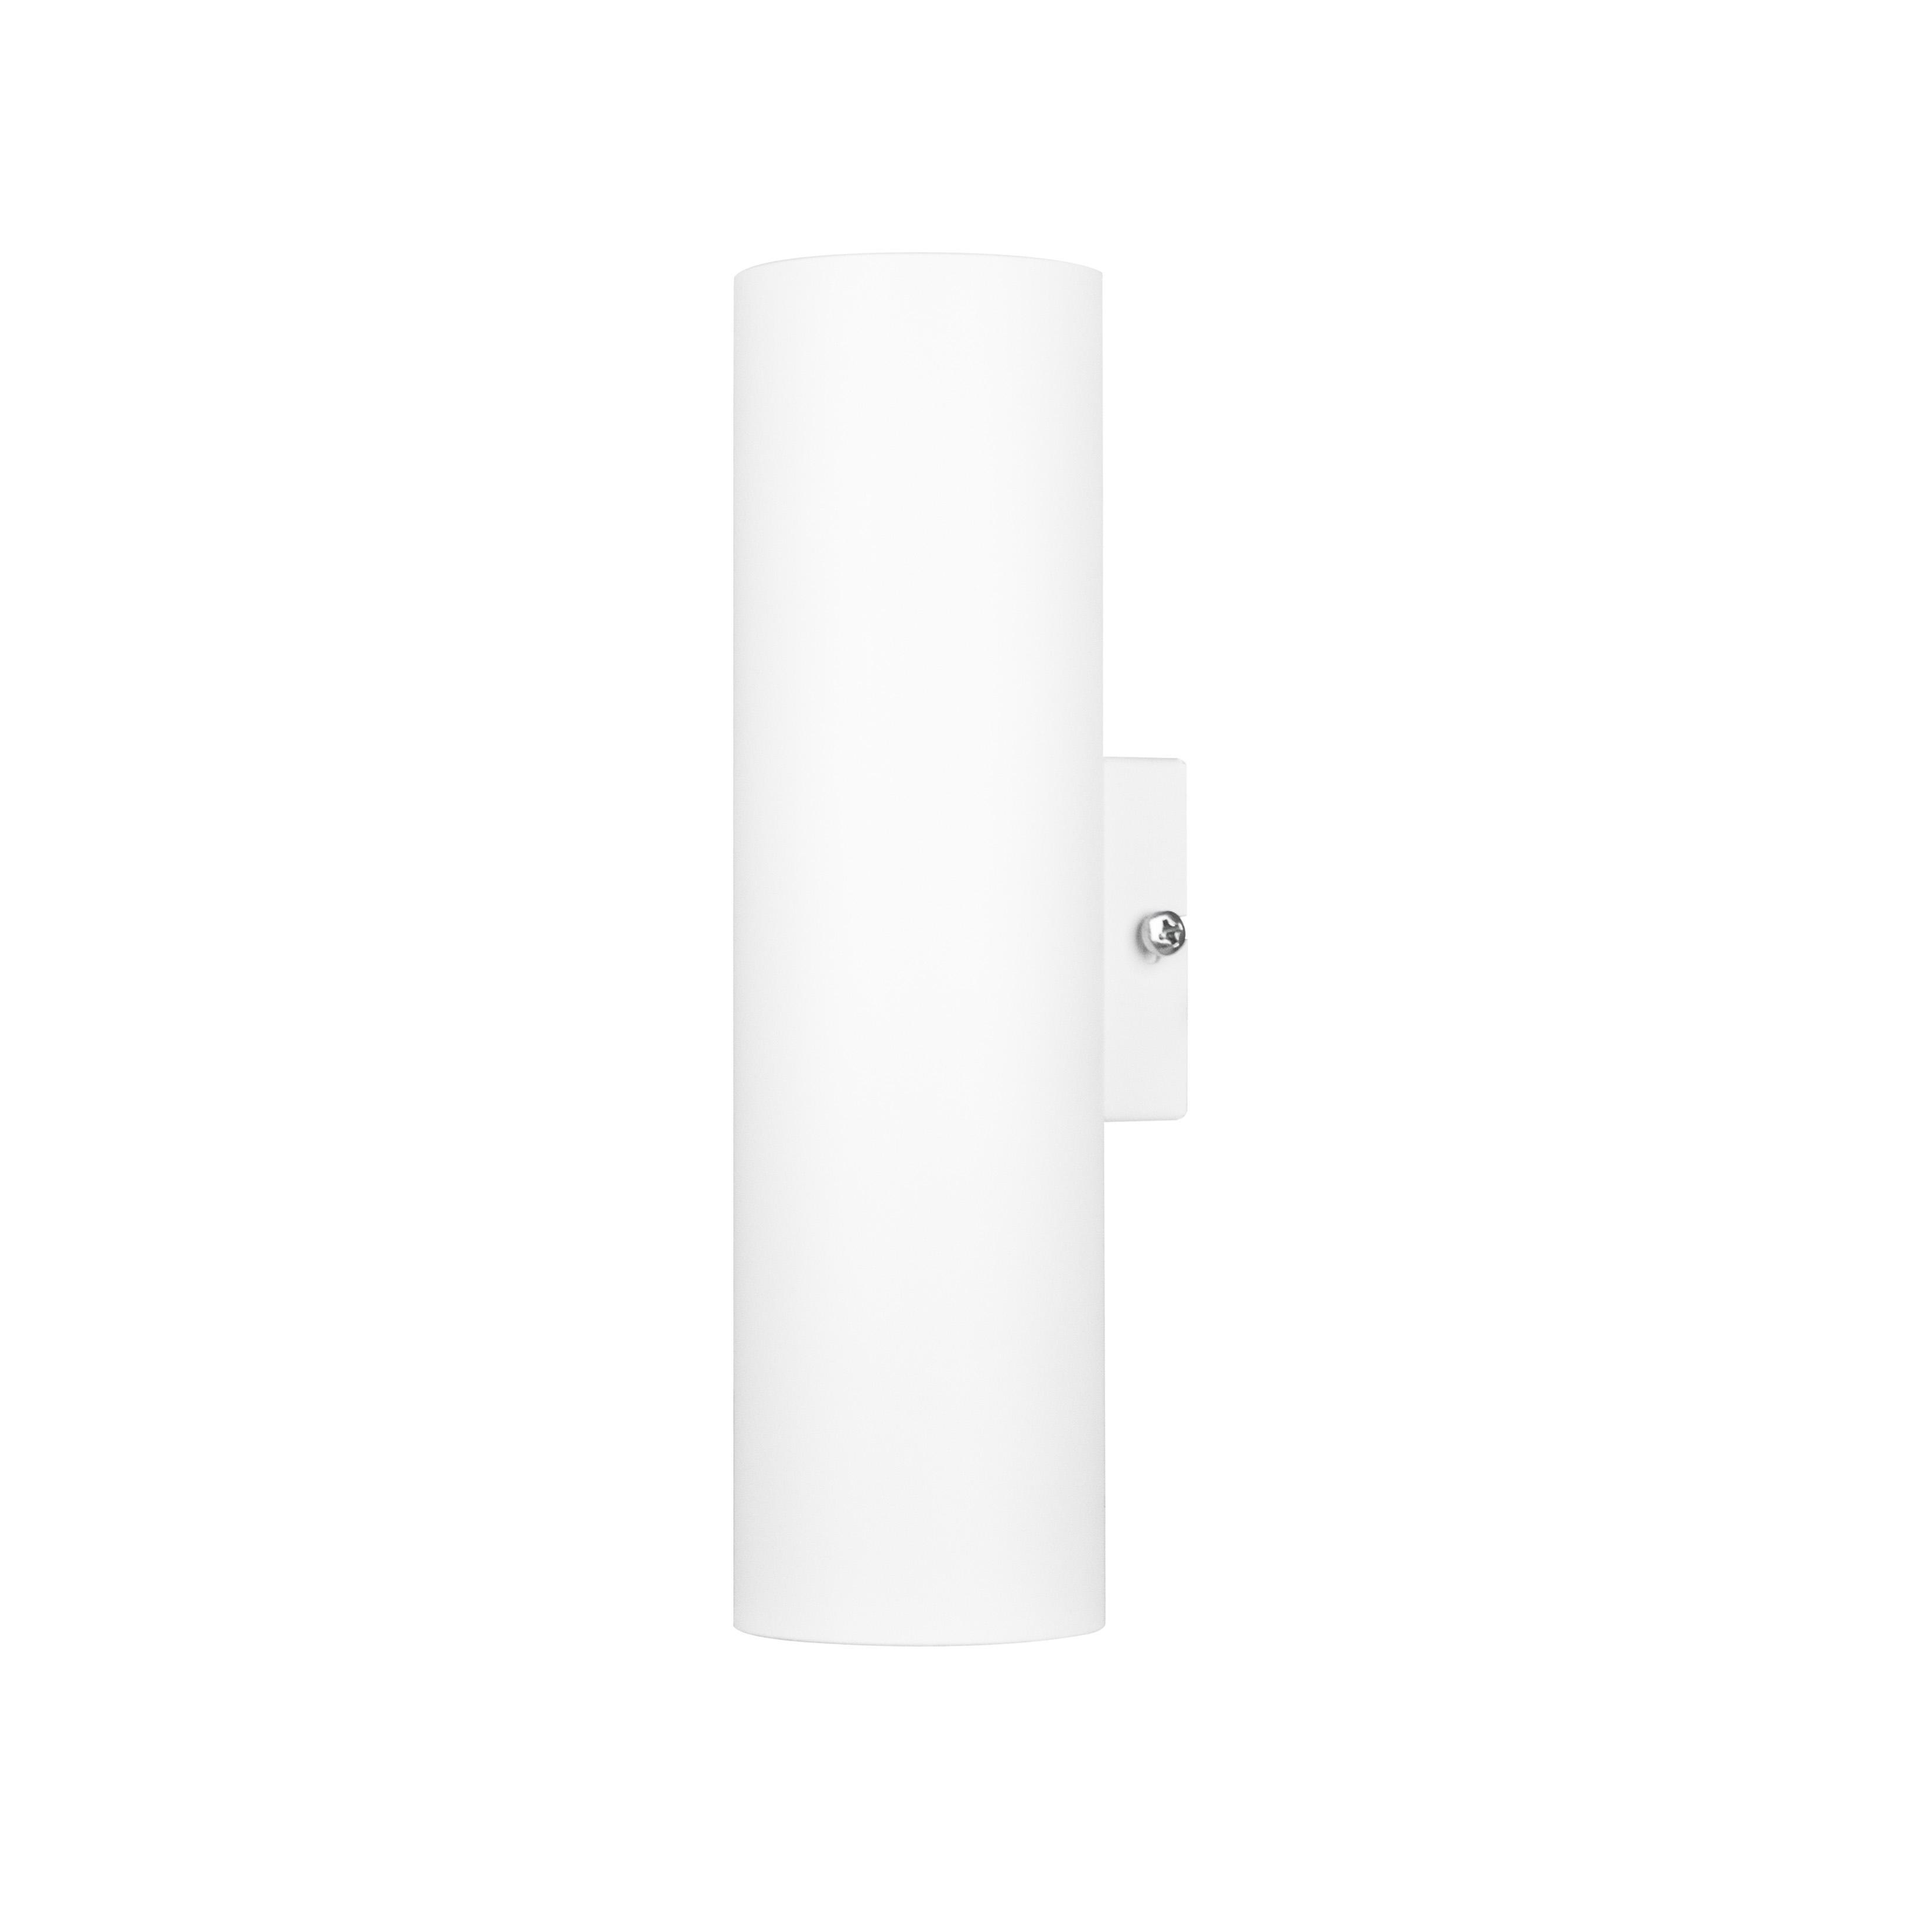 Світильник настінний MSK Electric Tube бра під дві лампи Е27 NL 2206 W